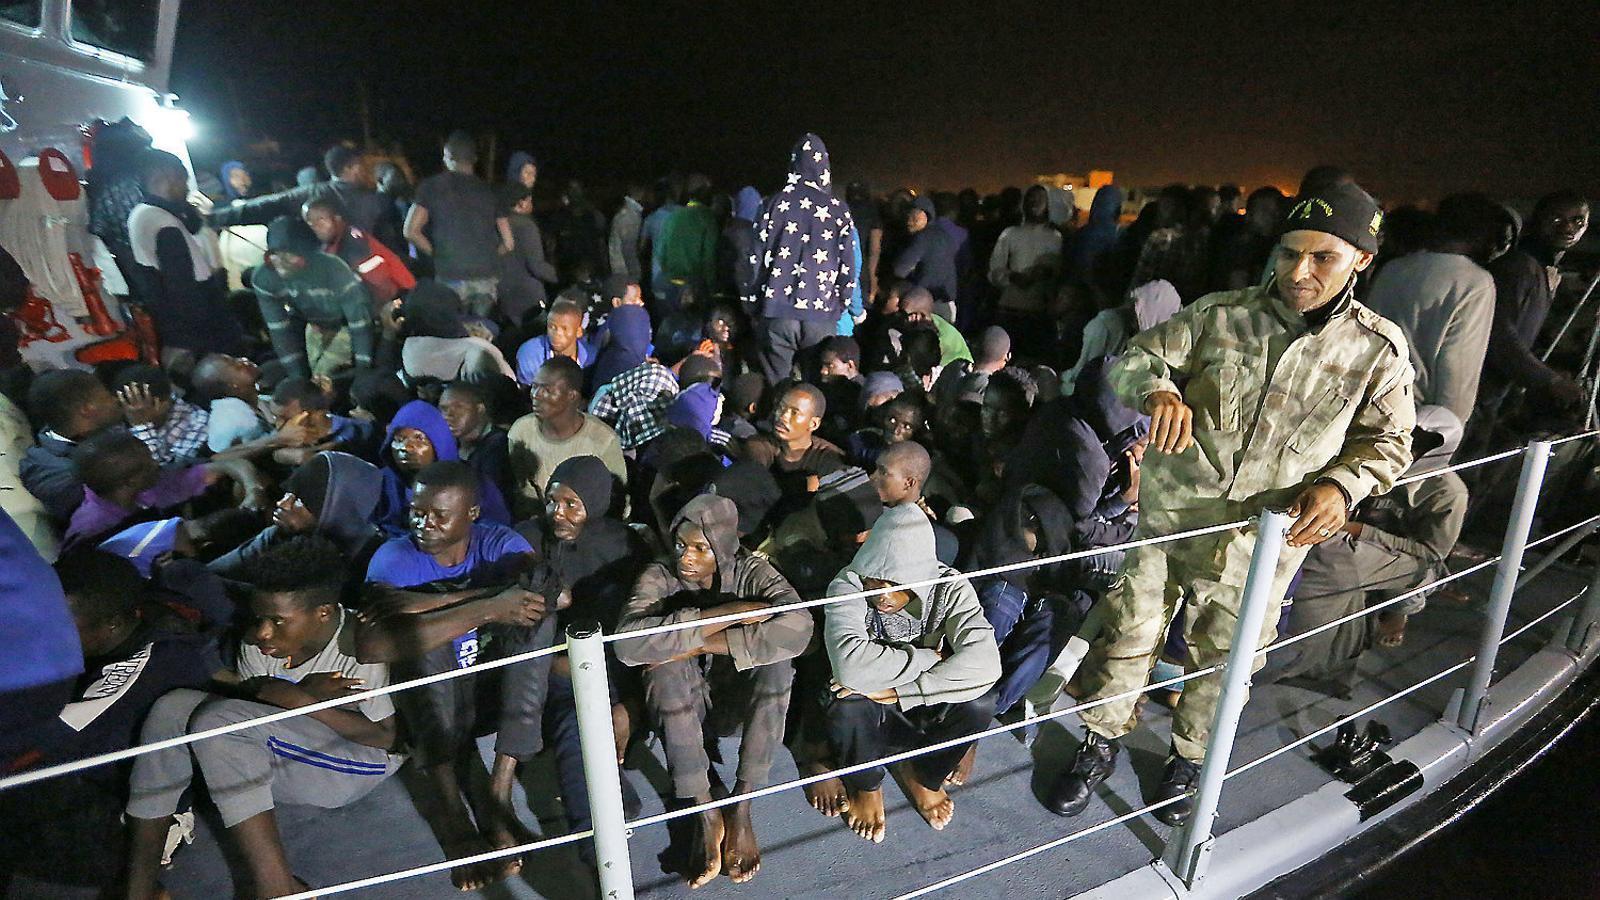 Desenes de migrants arribant a Trípoli a bord d'una patrullera de Líbia.